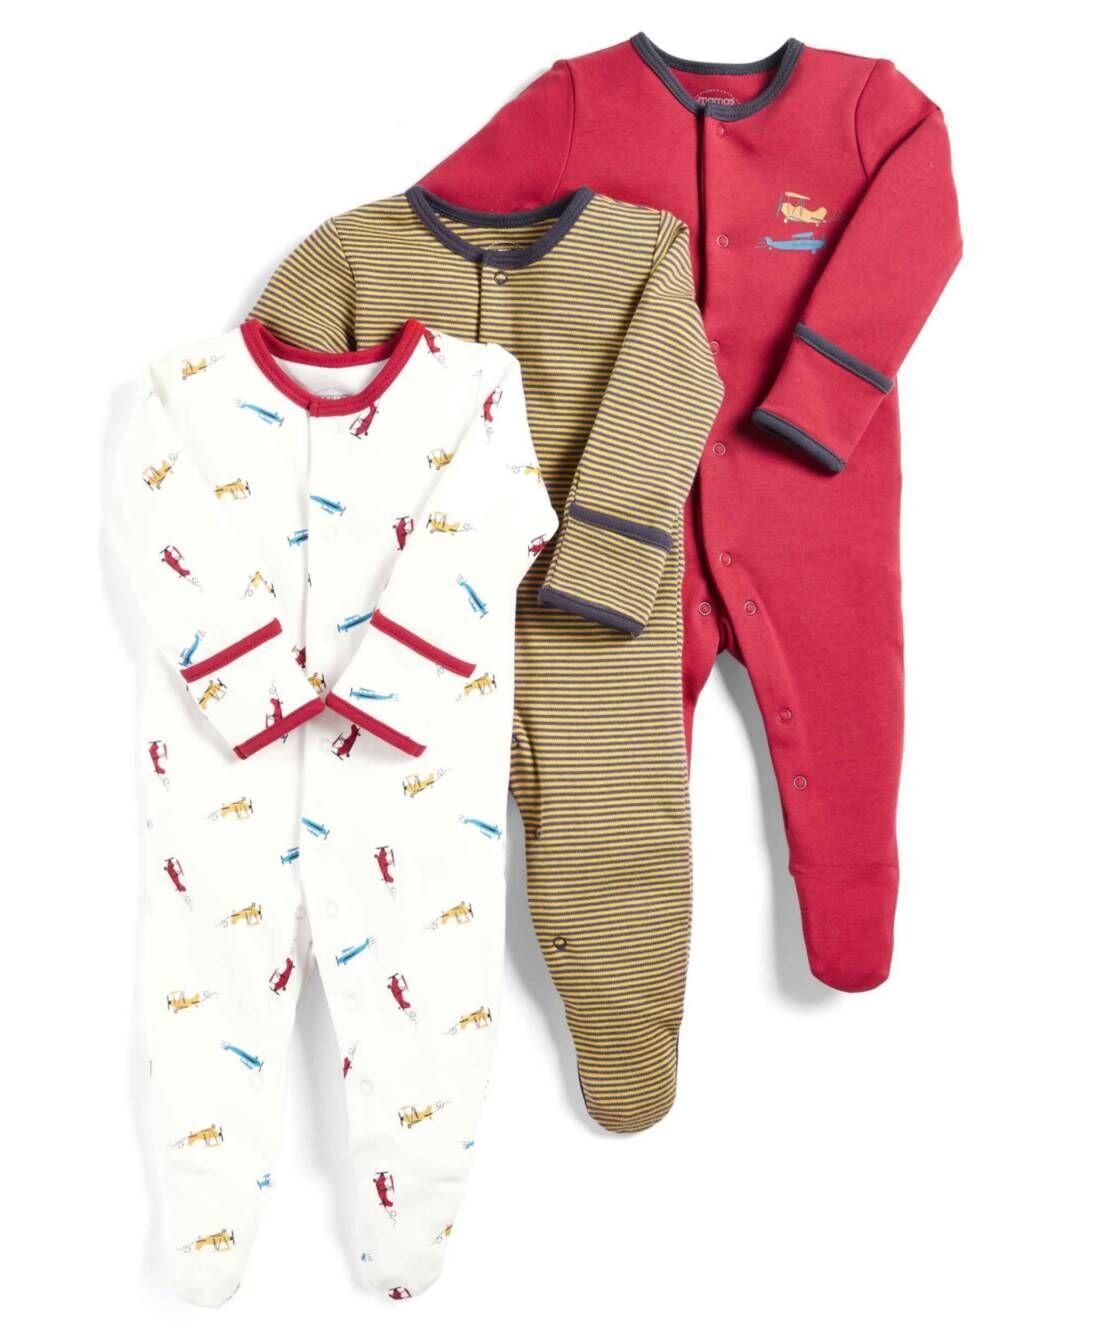 Vêtement pour bébés - Ref 3298819 Image 33